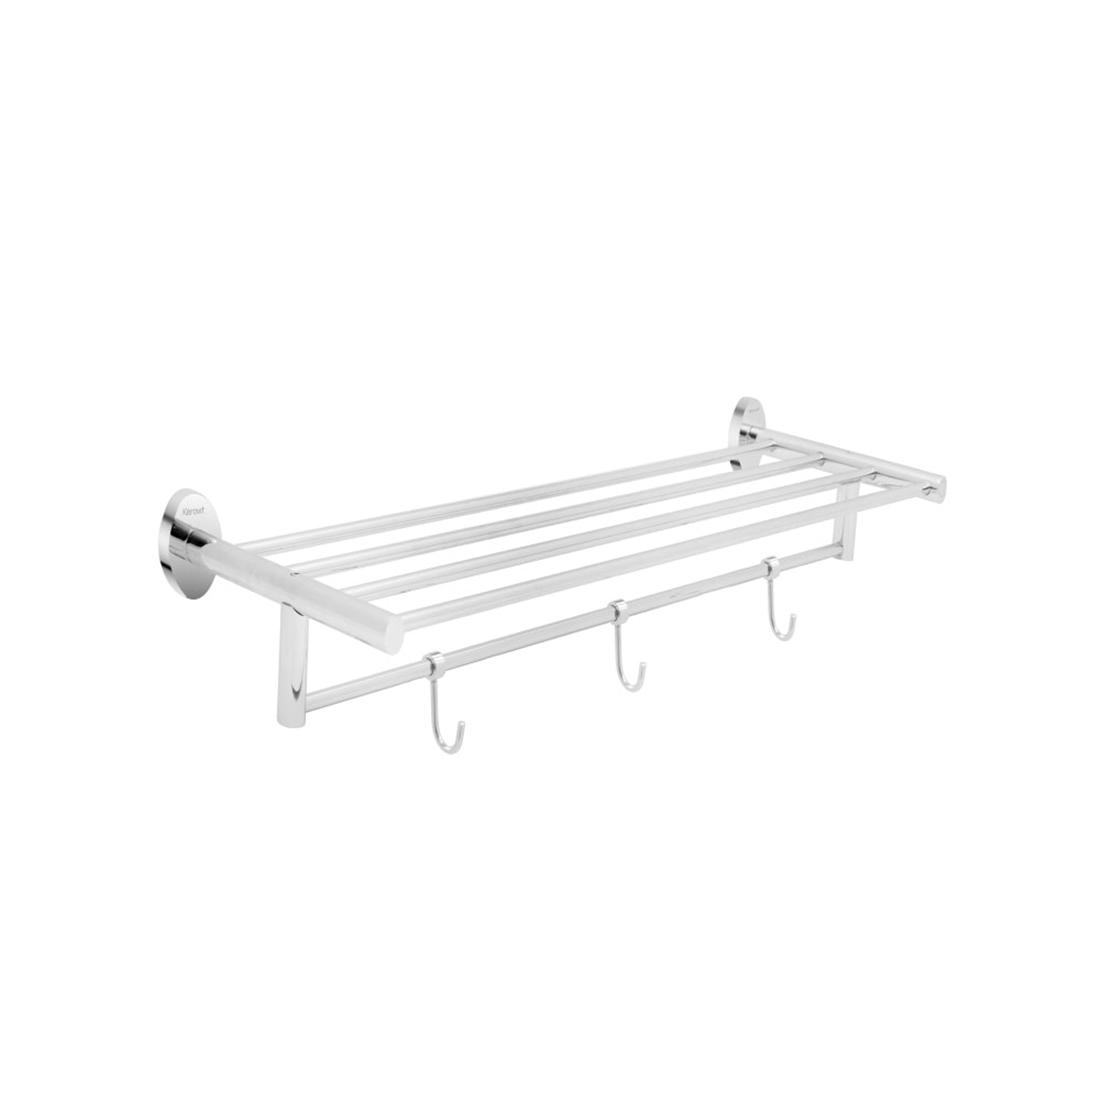 Kerovit KA980010 Oval Range Towel Rack With Three Hooks